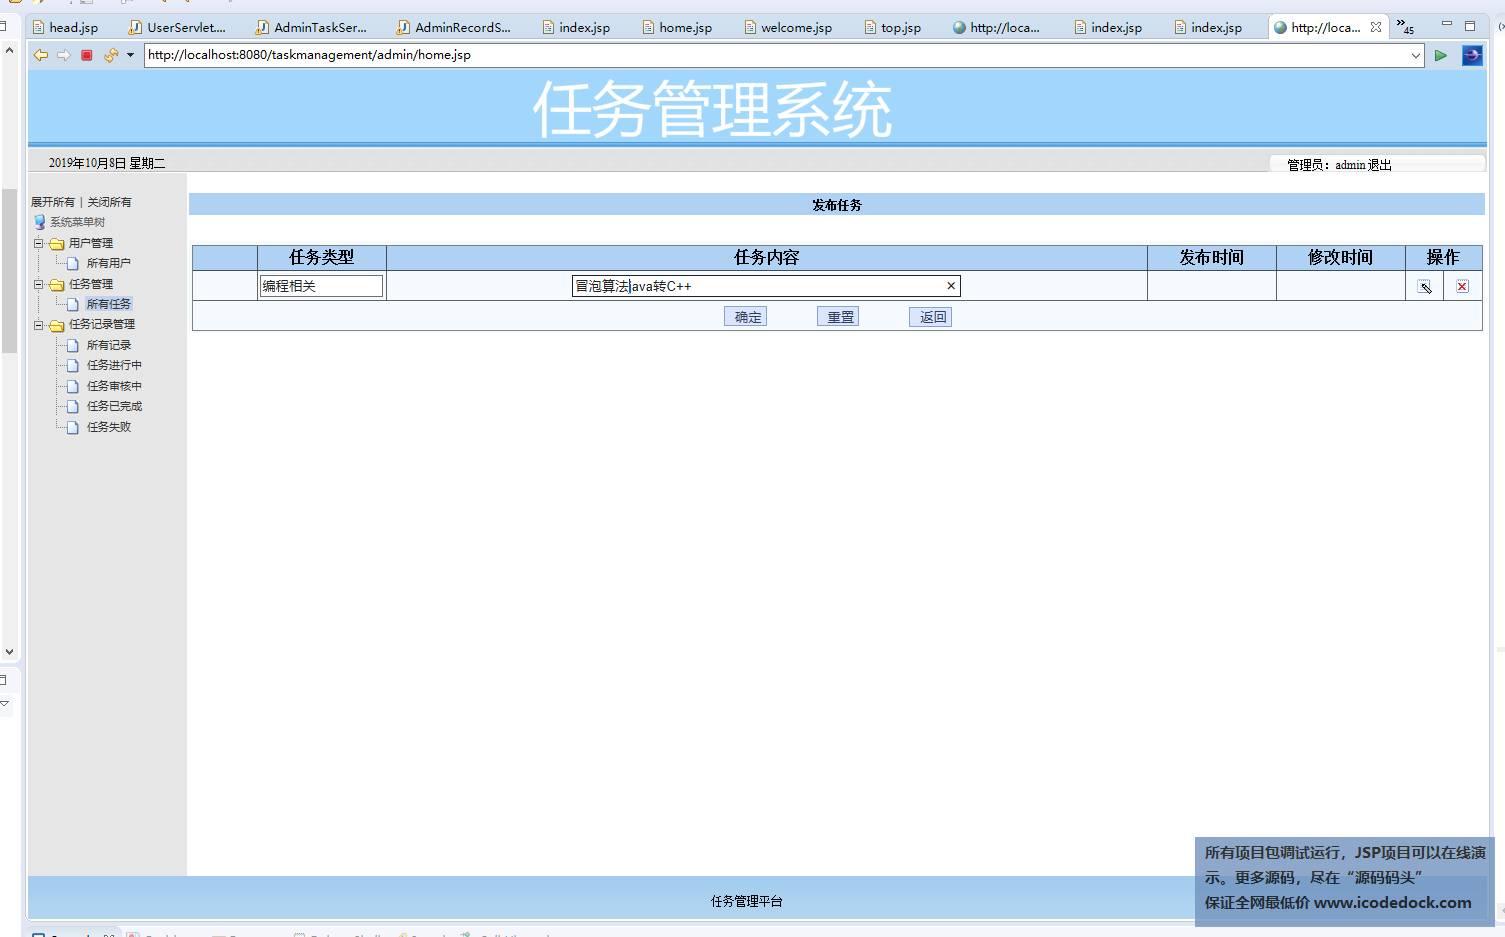 源码码头-JSP校园任务管理系统-管理员角色-发布任务